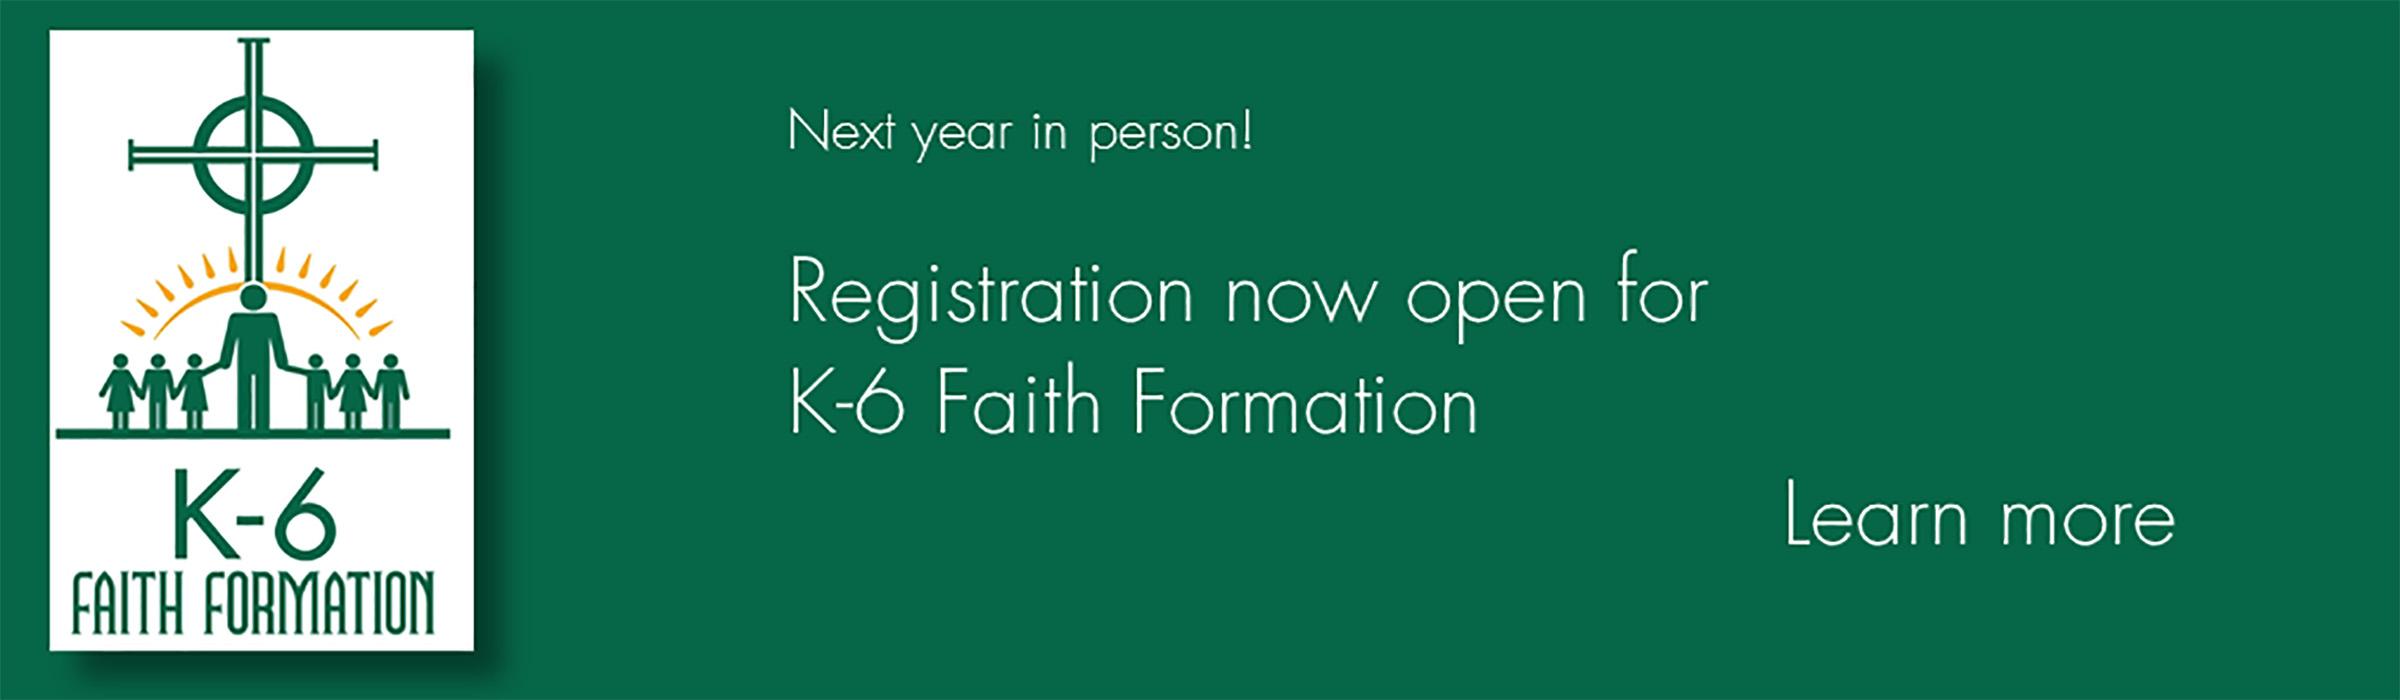 K-6 RE registration 2021-22 slider